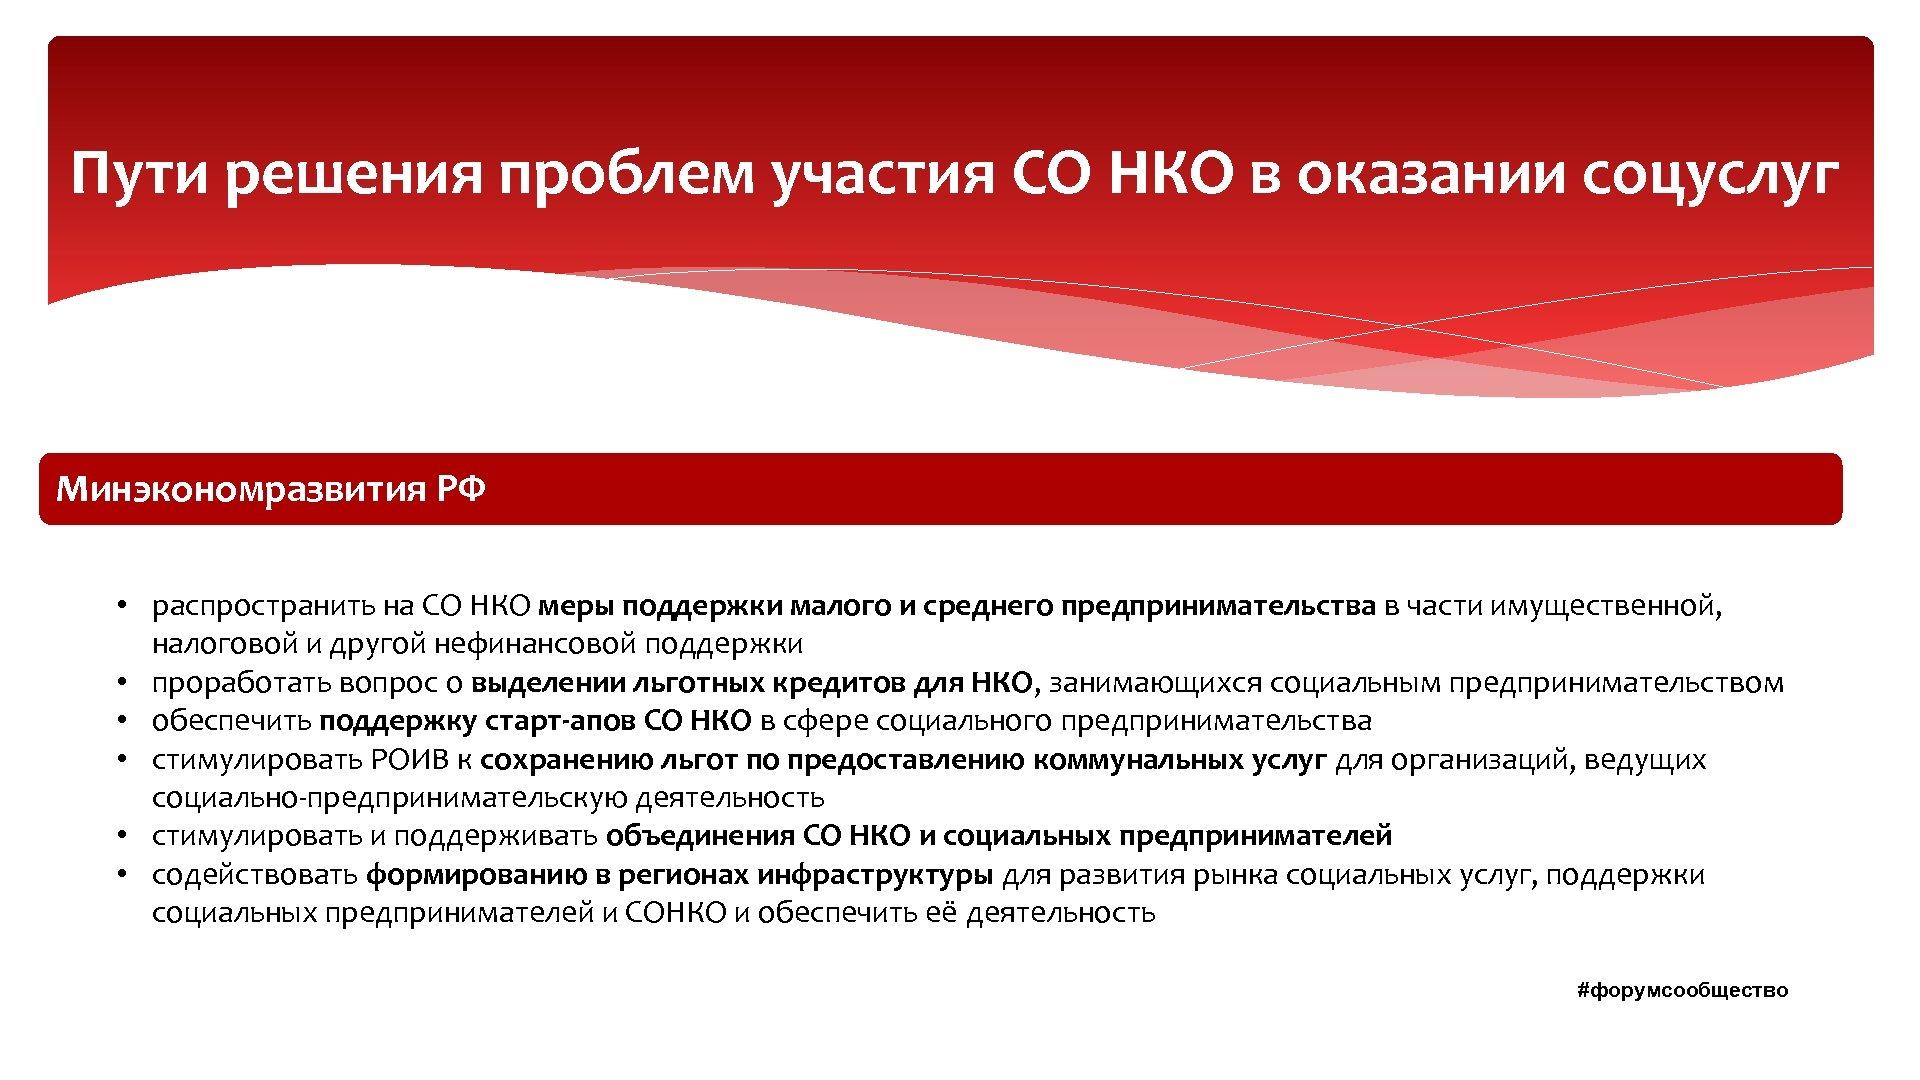 Пути решения проблем участия СО НКО в оказании соцуслуг Минэкономразвития РФ • распространить на